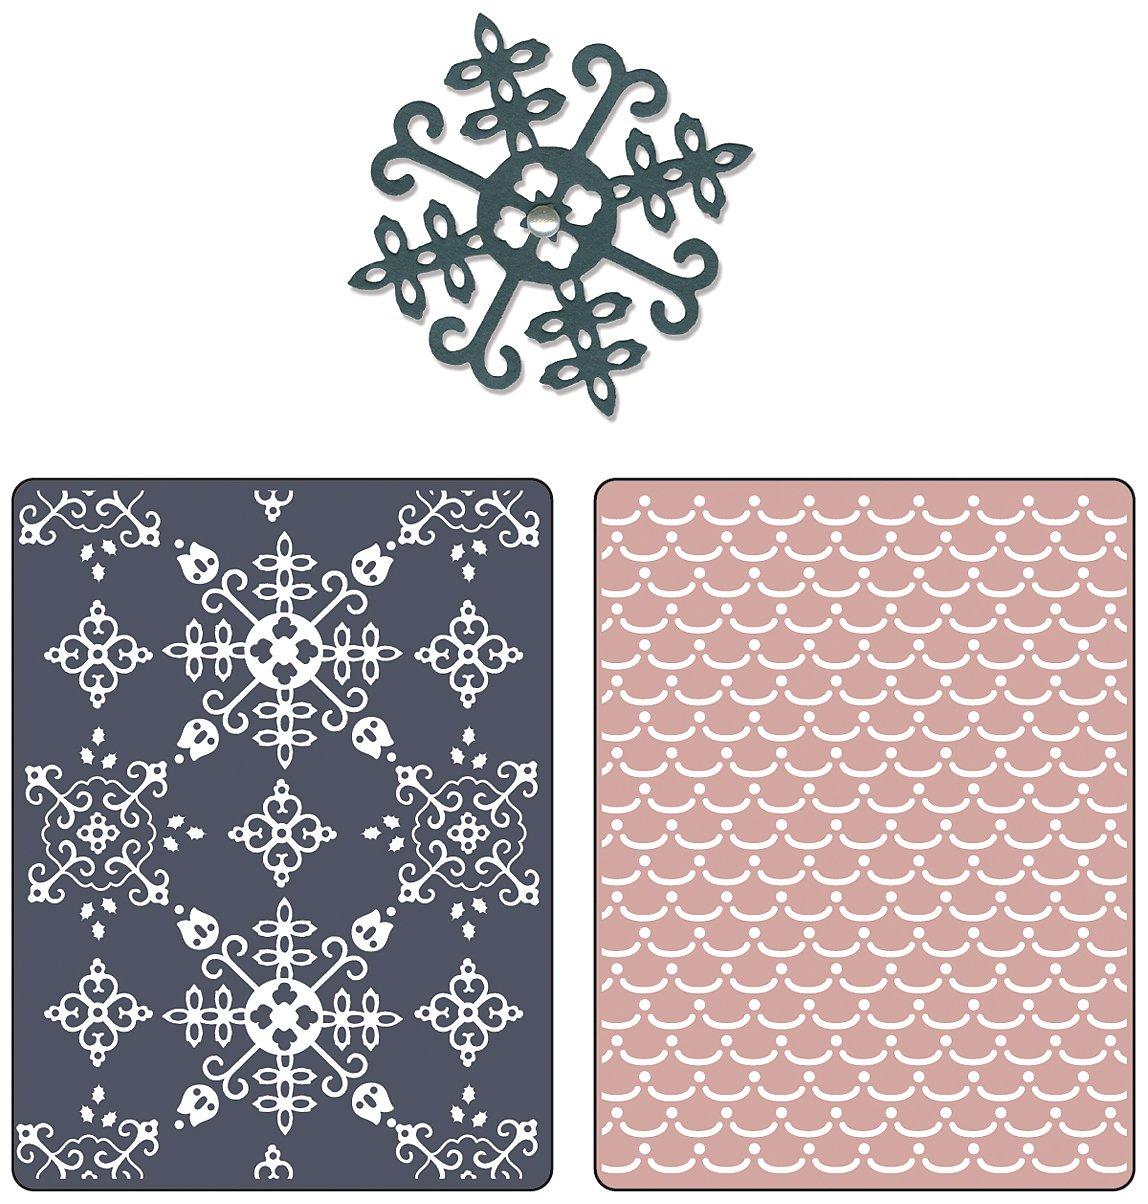 Sizzix Textured Impressions Prägefolder für Scrapbooking Nordic Holiday Alpine Pattern, Flowers Ellison 658191